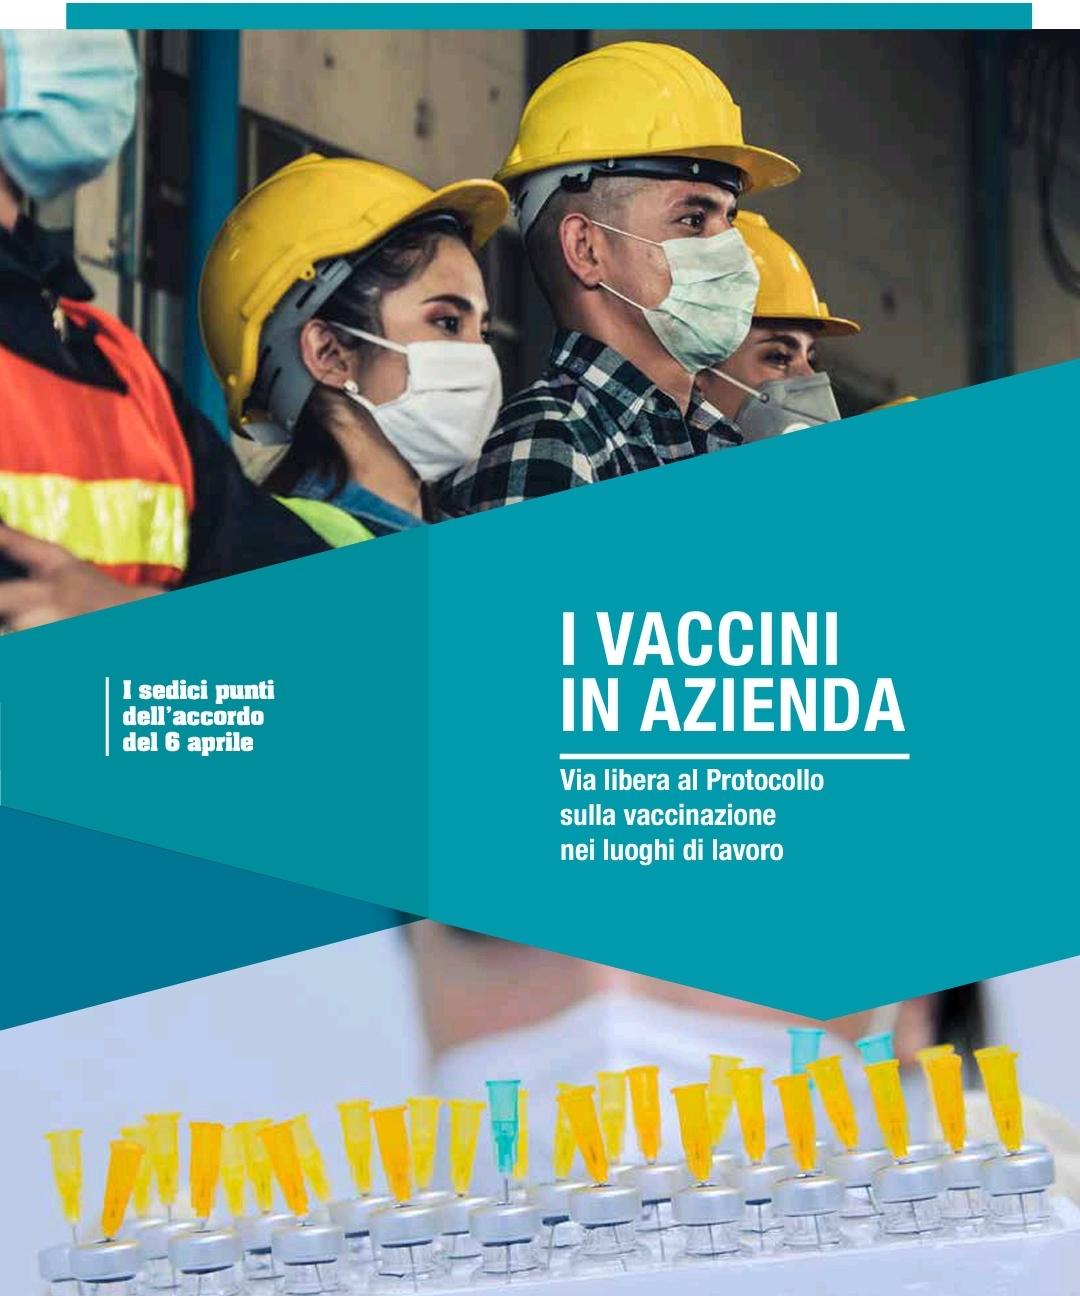 I VACCINI IN AZIENDA – Accordo in 16 punti del Protocollo sulla vaccinazione nei luoghi di lavoro – Il senso dell'iniziativa – Impegno concreto su: Attivazione, Elaborazione e Coinvolgimento – Capone Ugl: La Responsabilità è Sociale